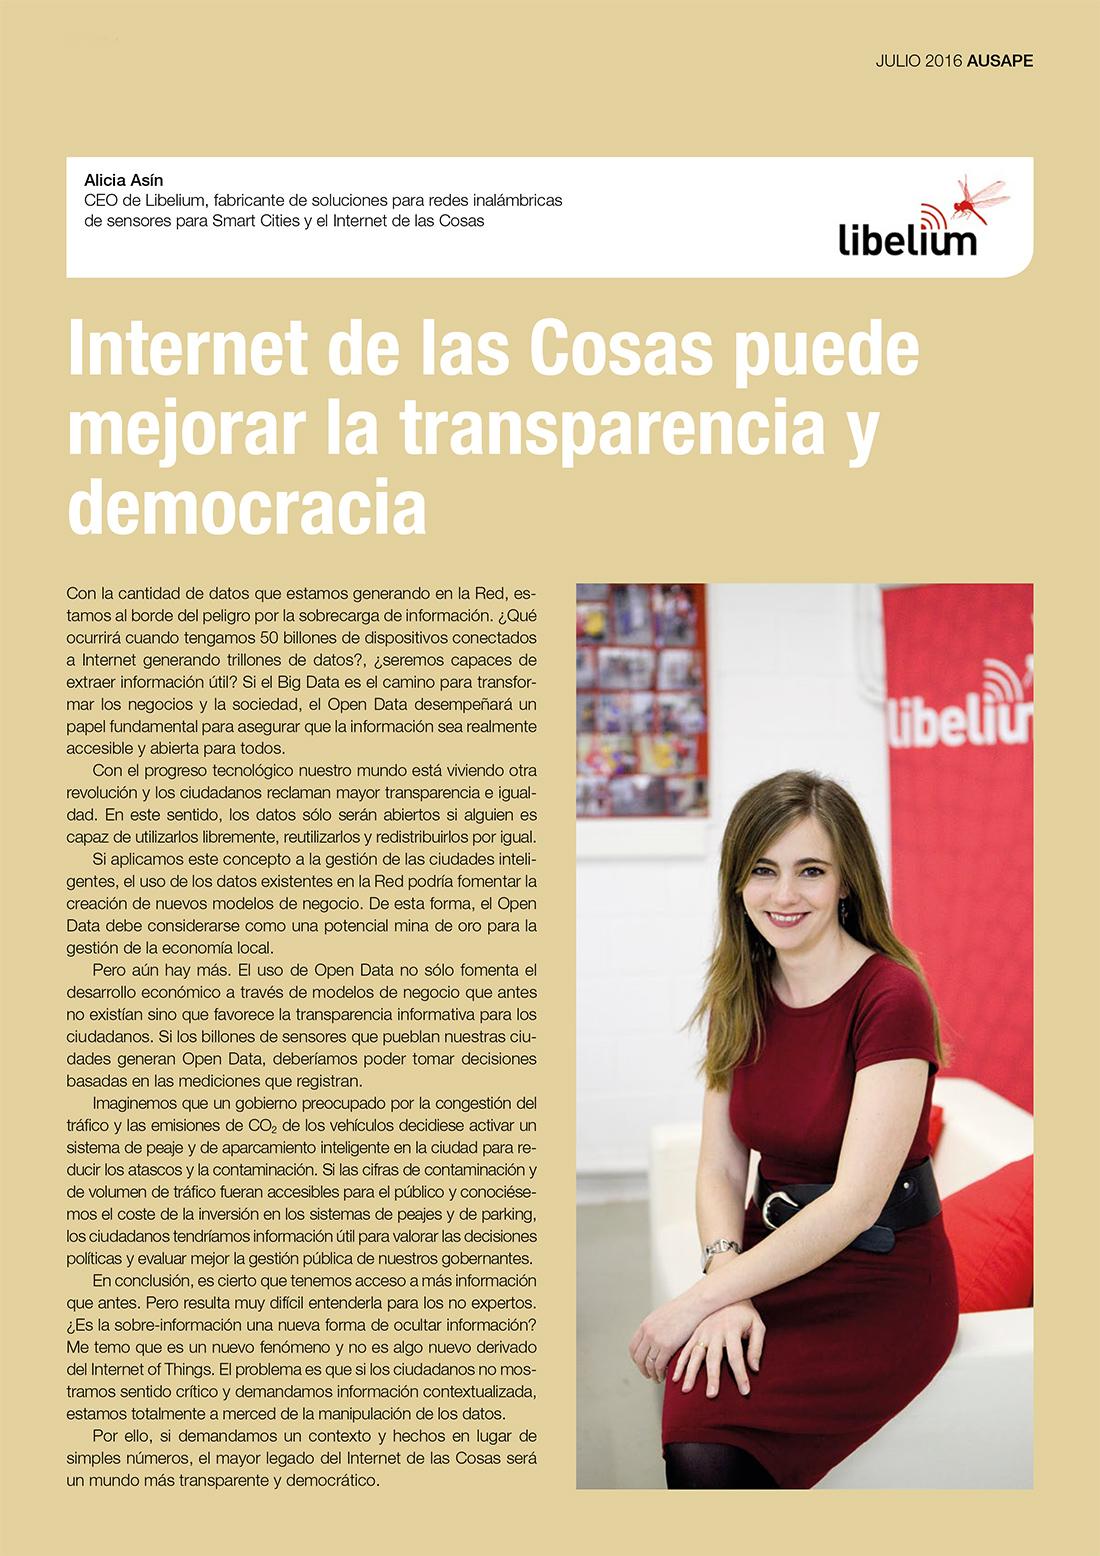 Internet de las Cosas puede mejorar la transparencia y democracia